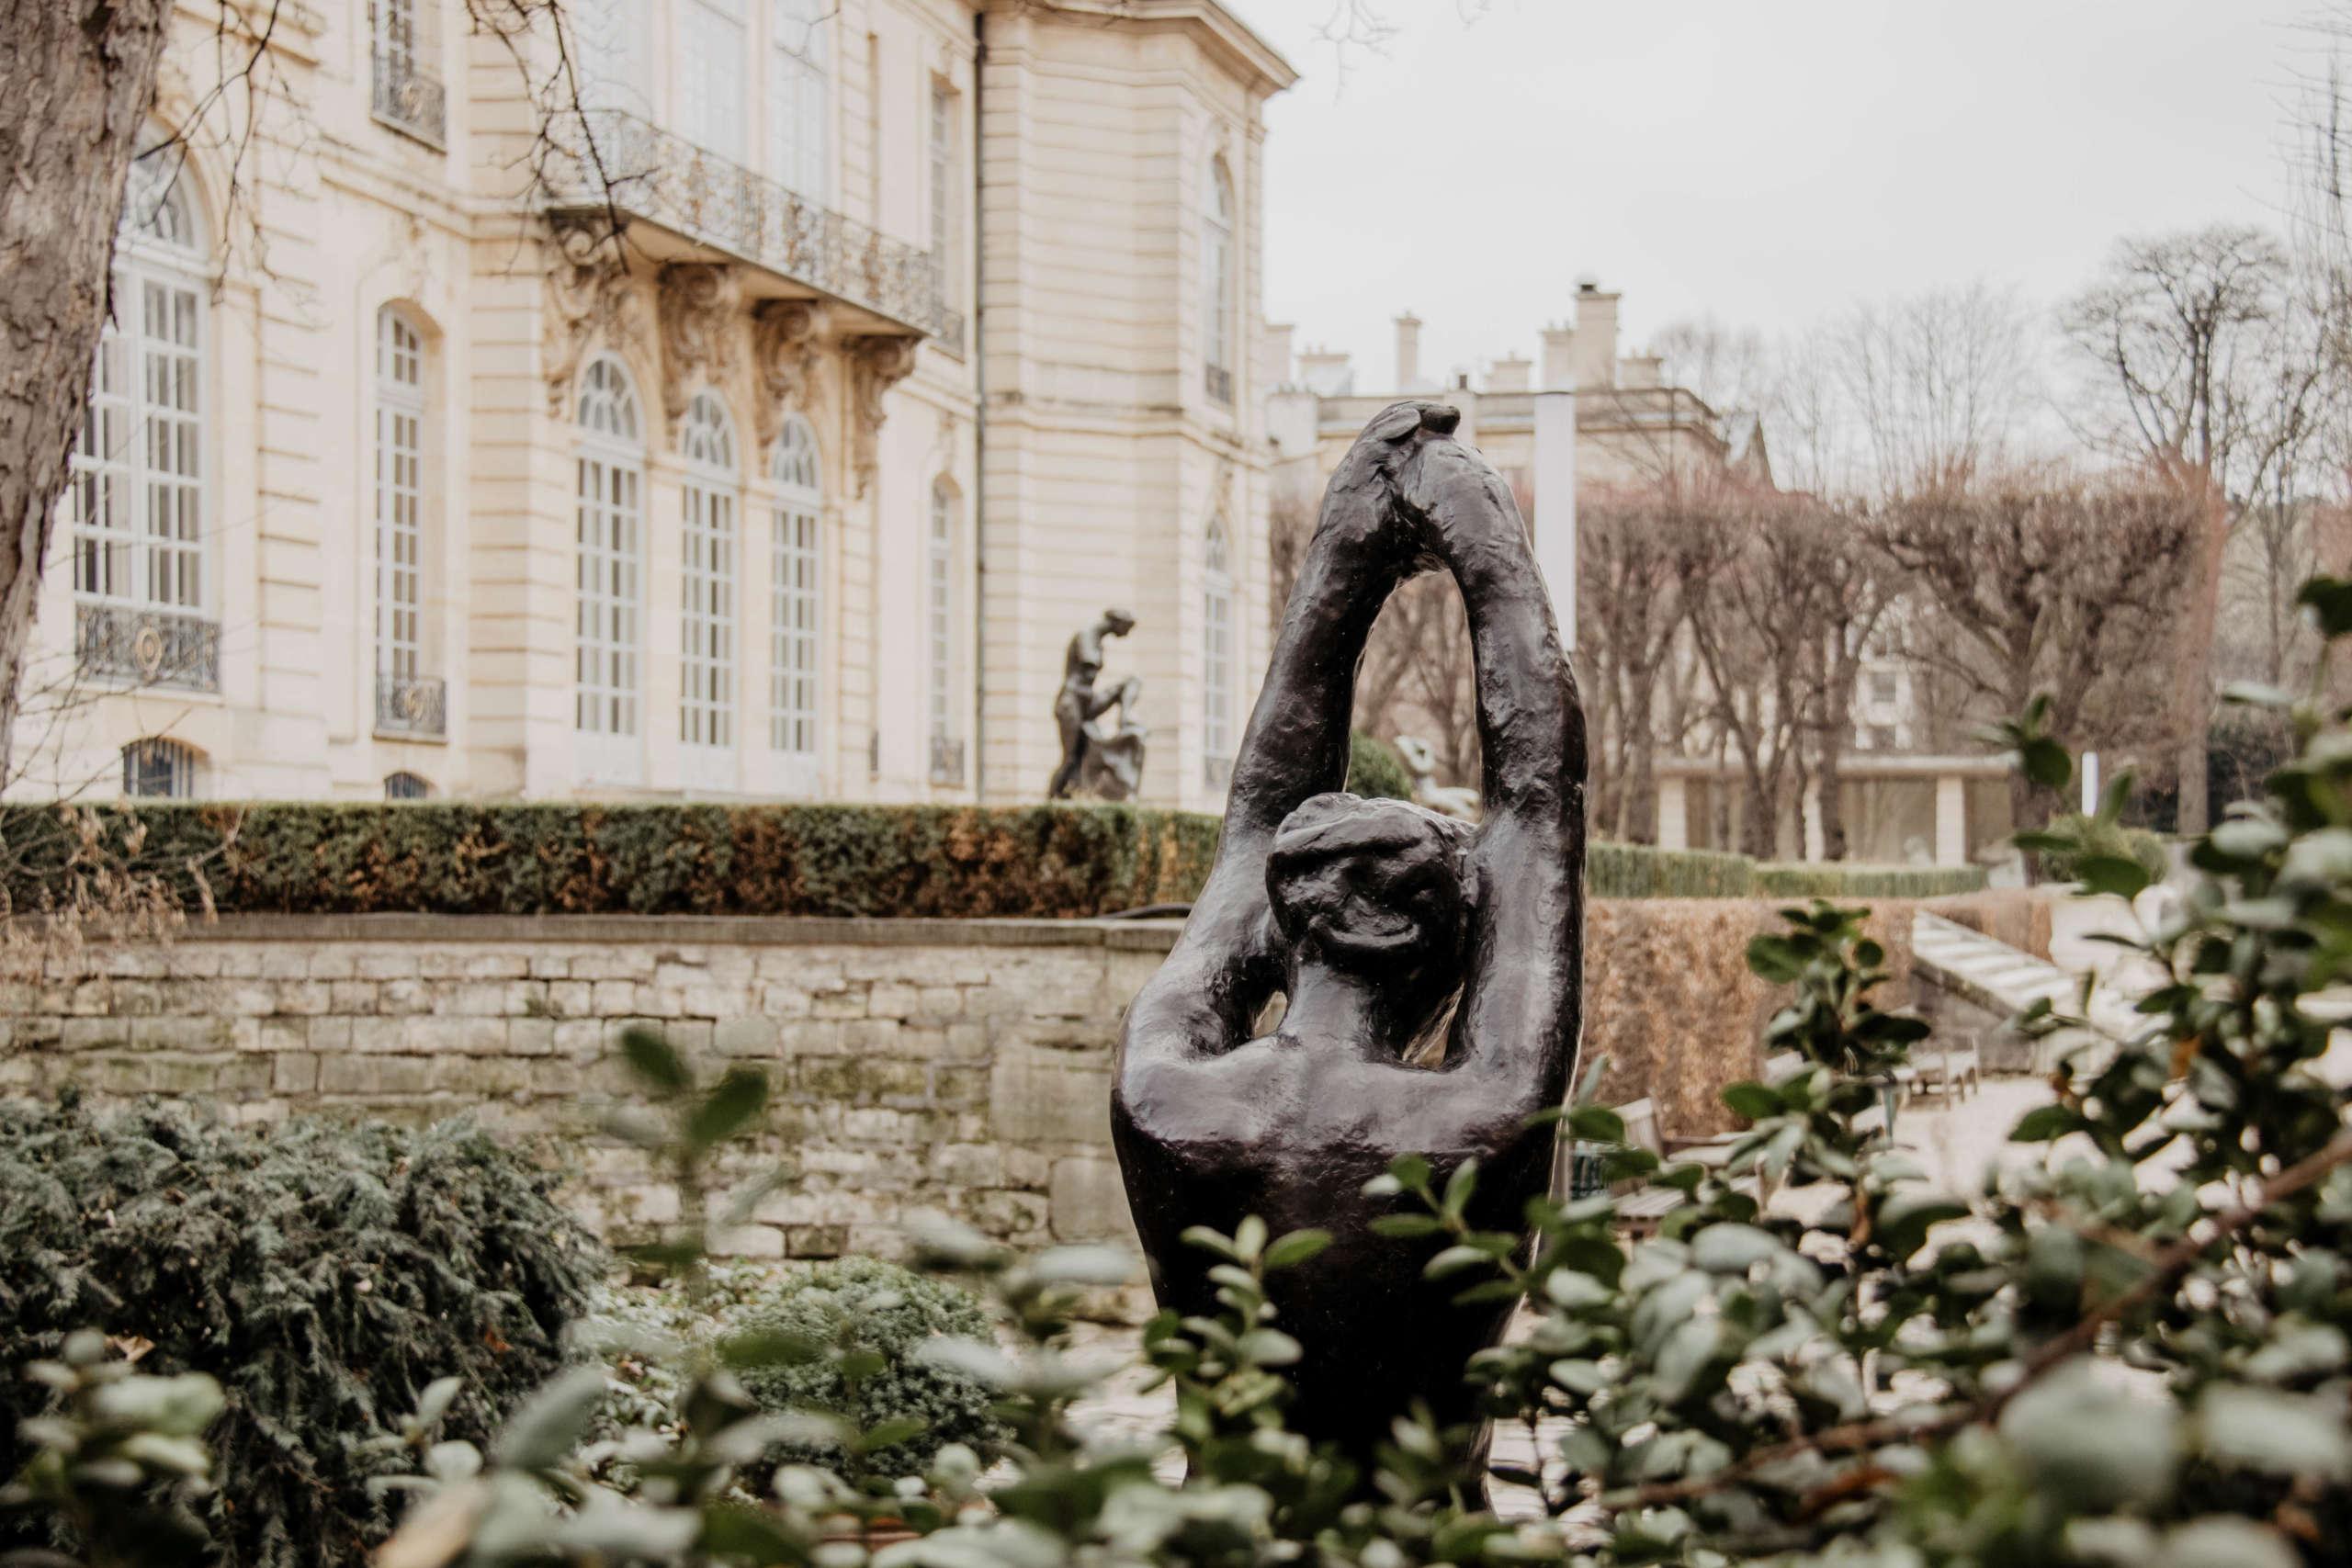 Vor dem Musee Rodin in Paris befinden sich Skulpturen des Bildhauers Auguste Rodin - empfehlenswert für Kunstliebhaber.